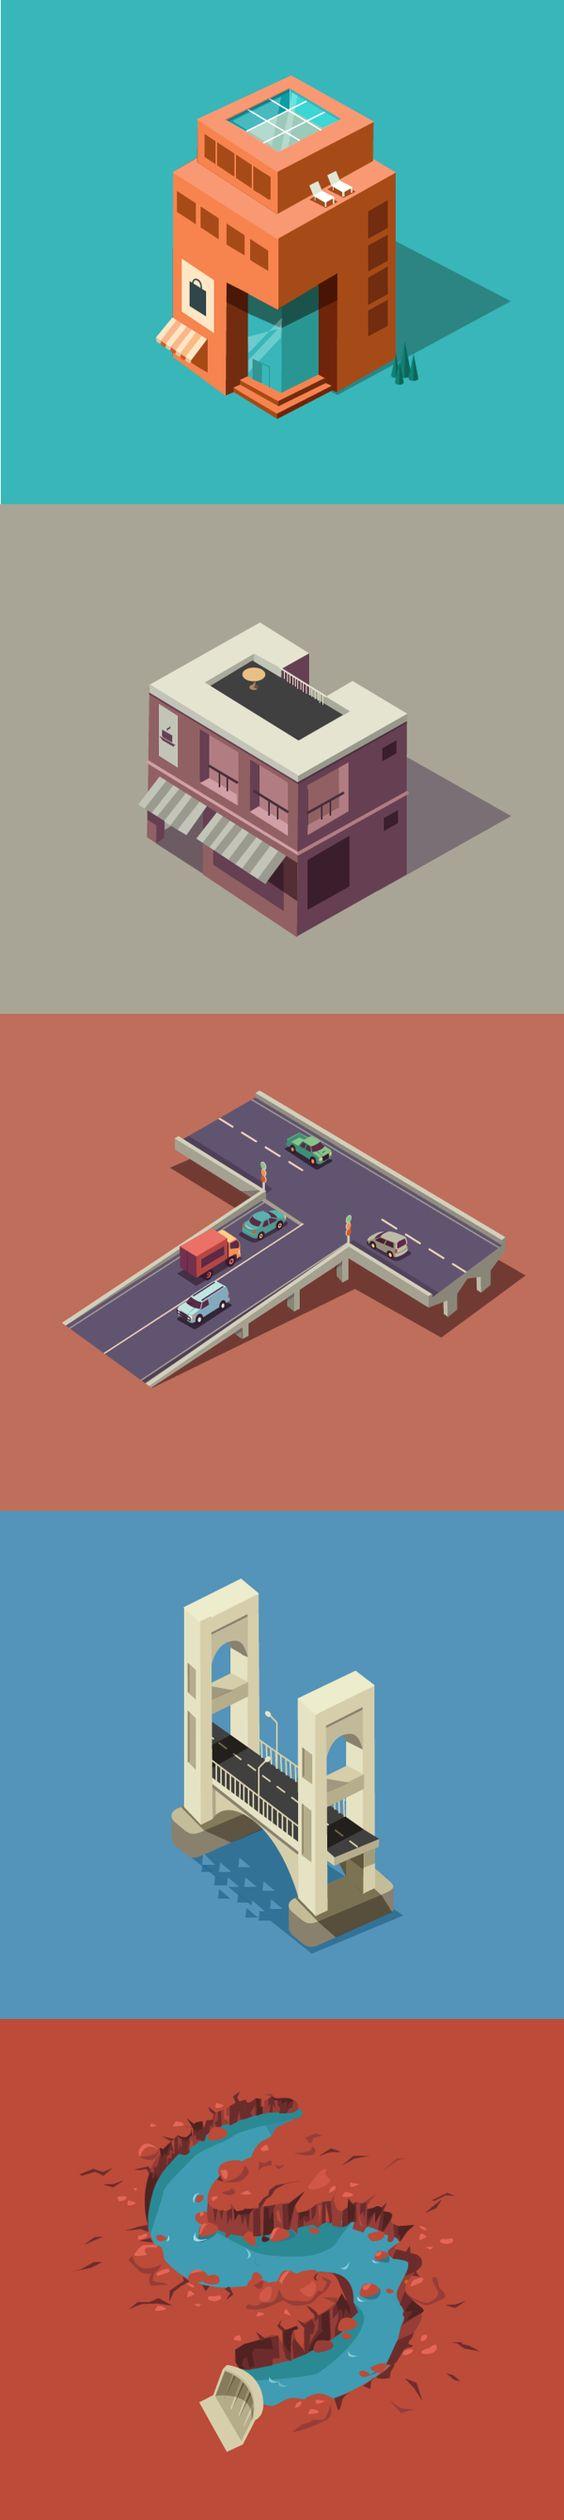 flat design 1